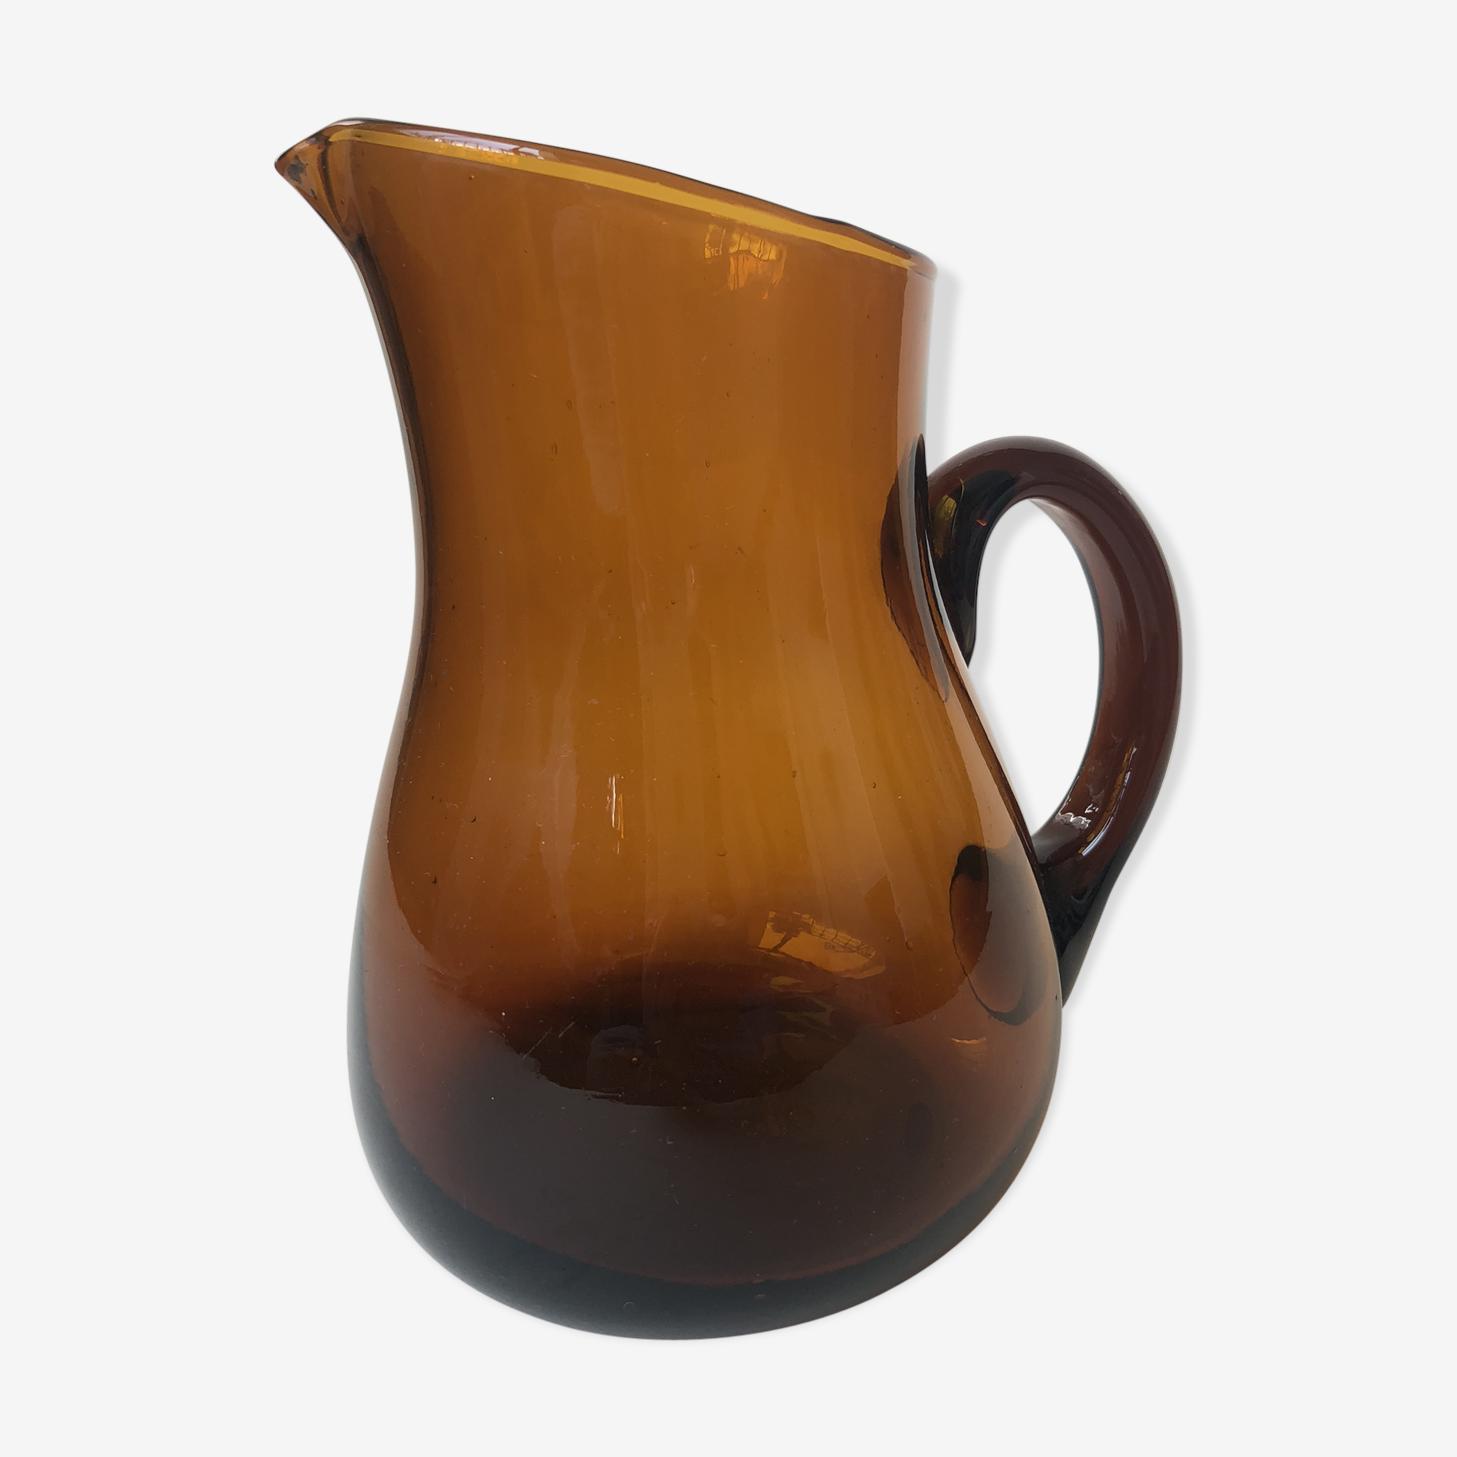 Carafe ambre orangé